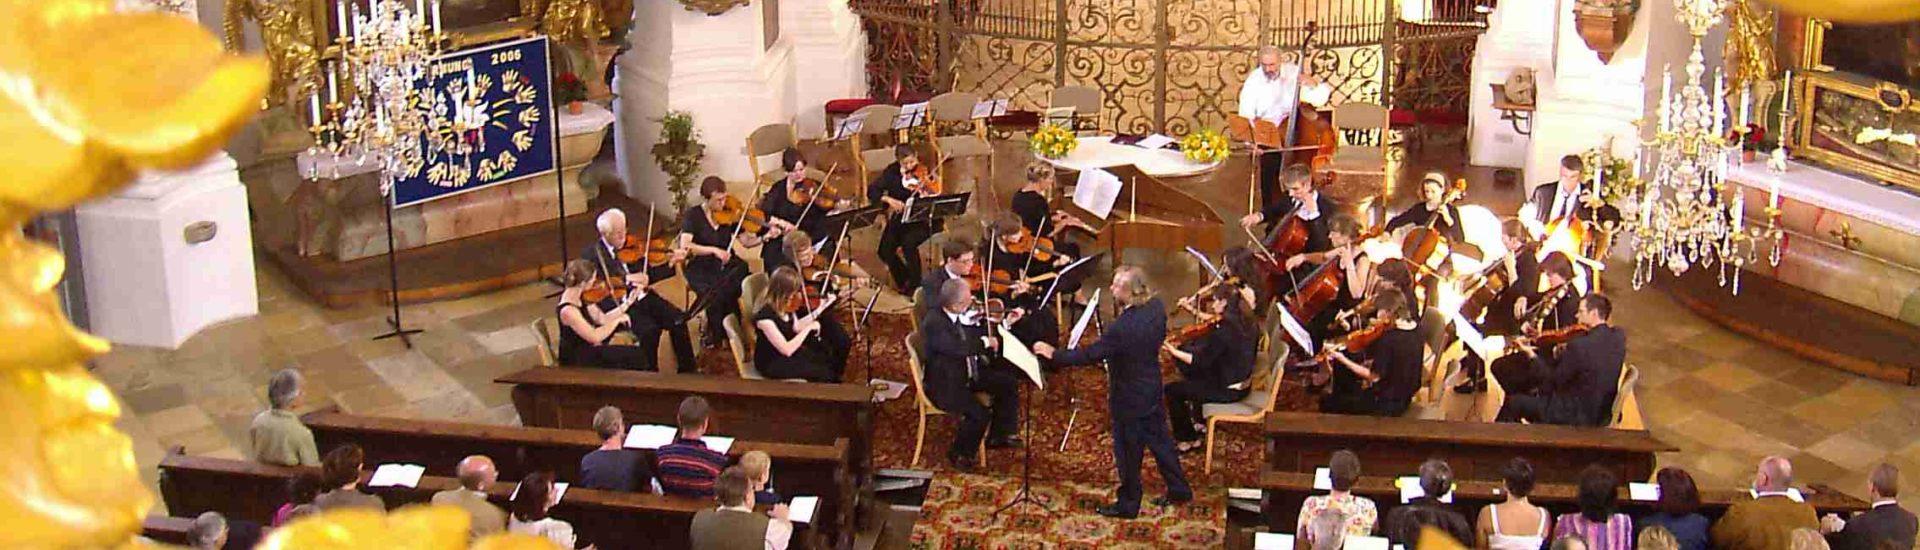 Musikanten spielen in einer Kirche